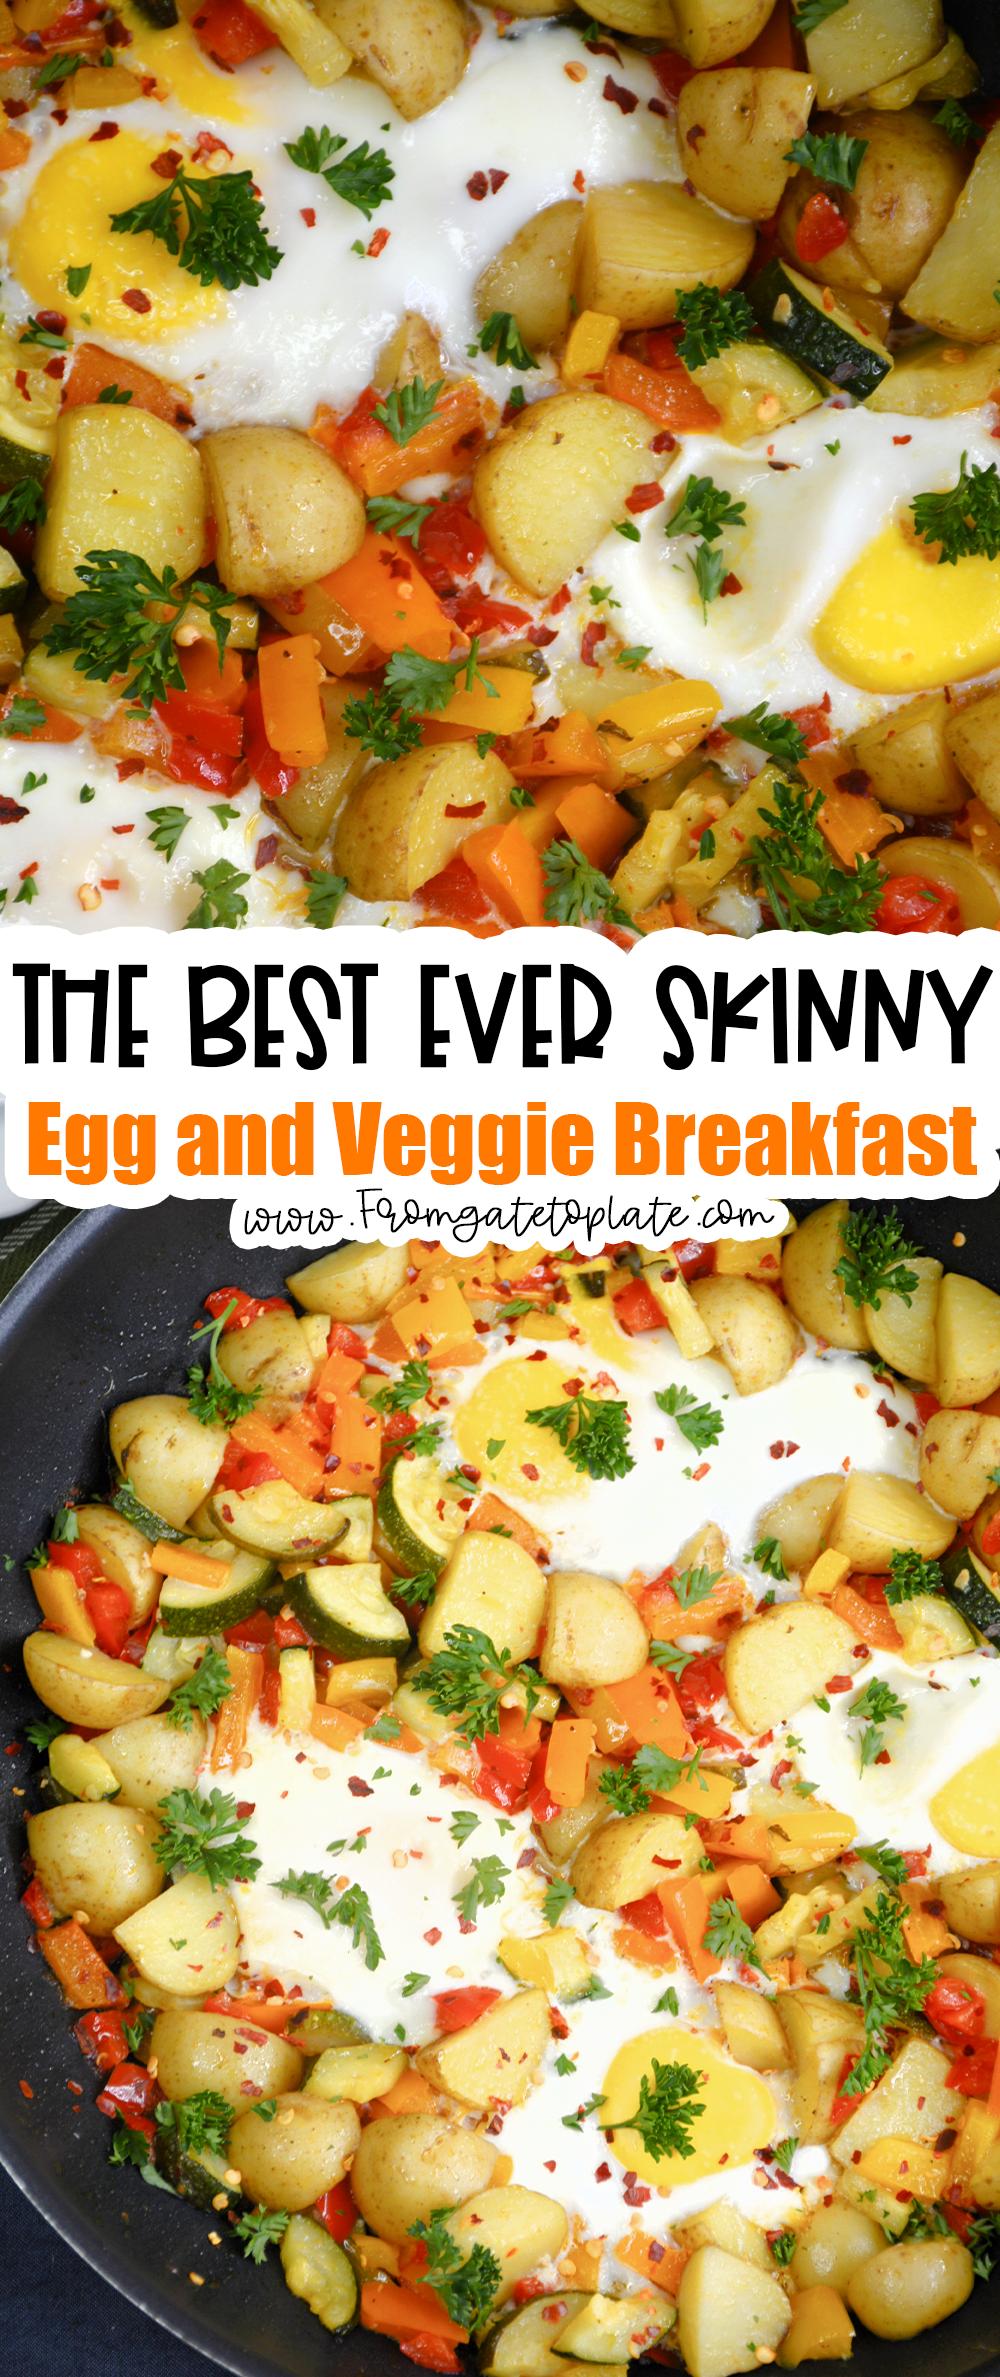 Skinny Egg and Veggie Breakfast